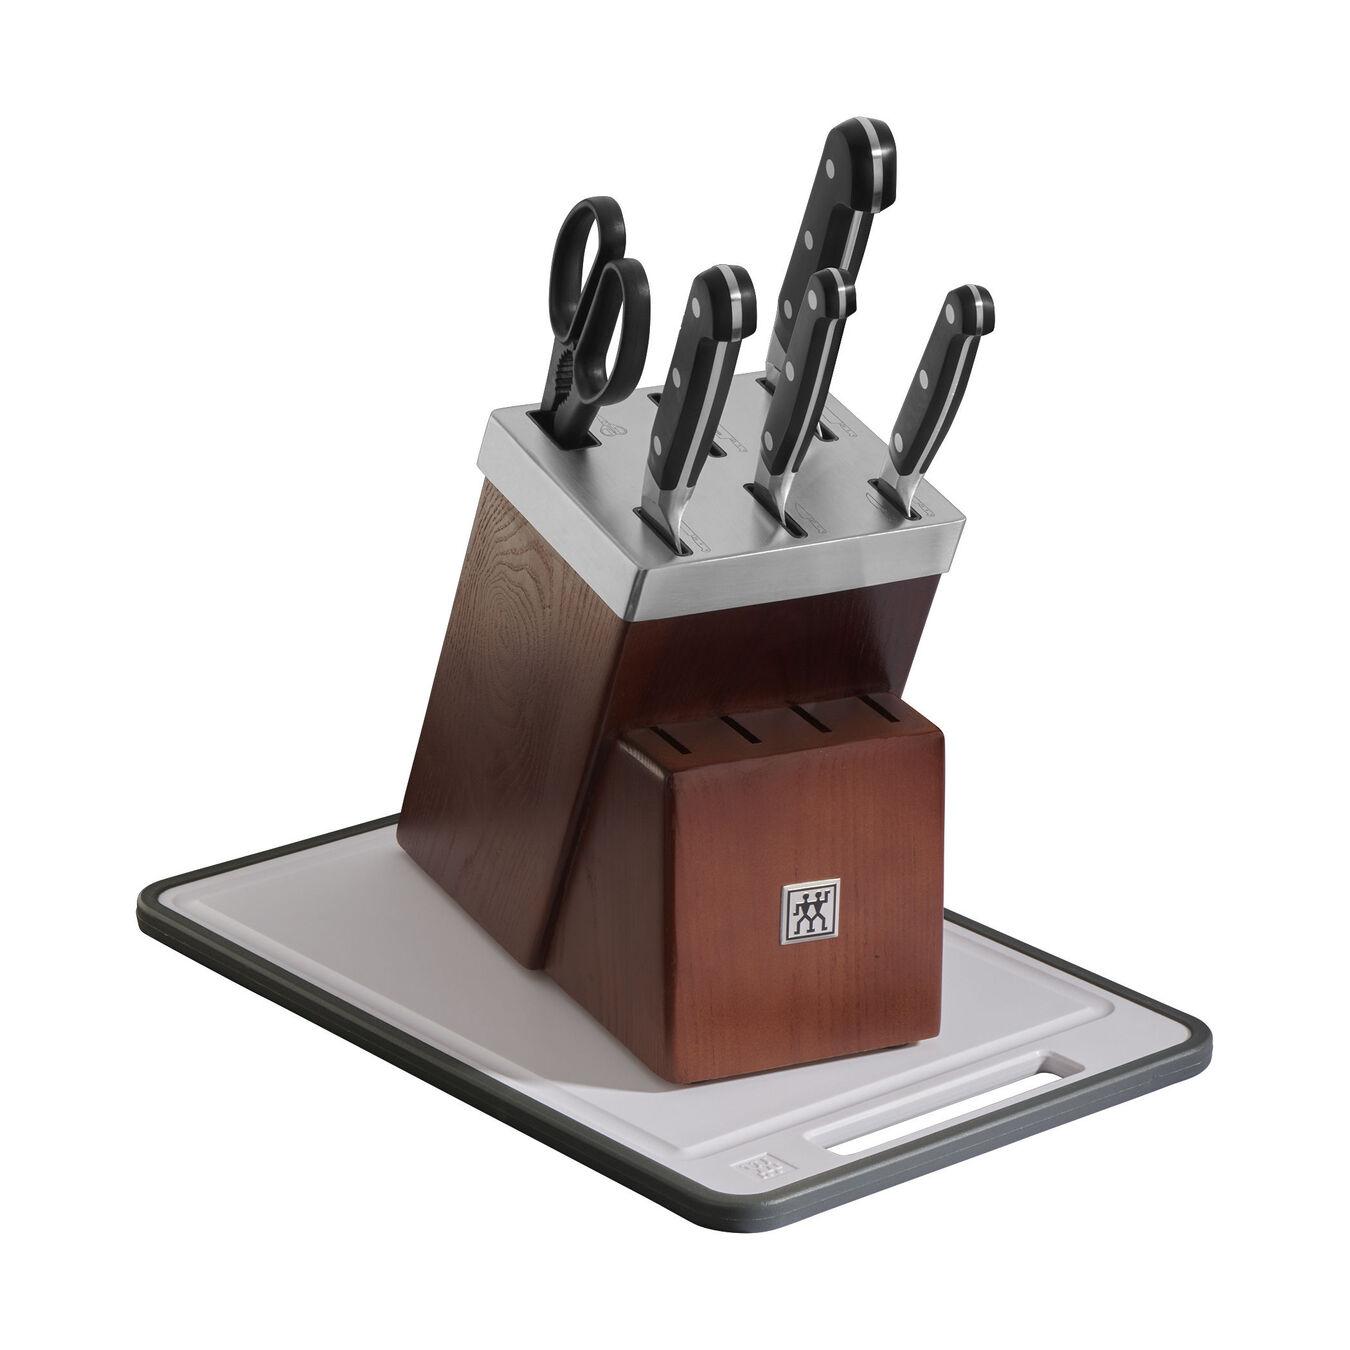 7-pc Self-Sharpening Knife Block Set,,large 1